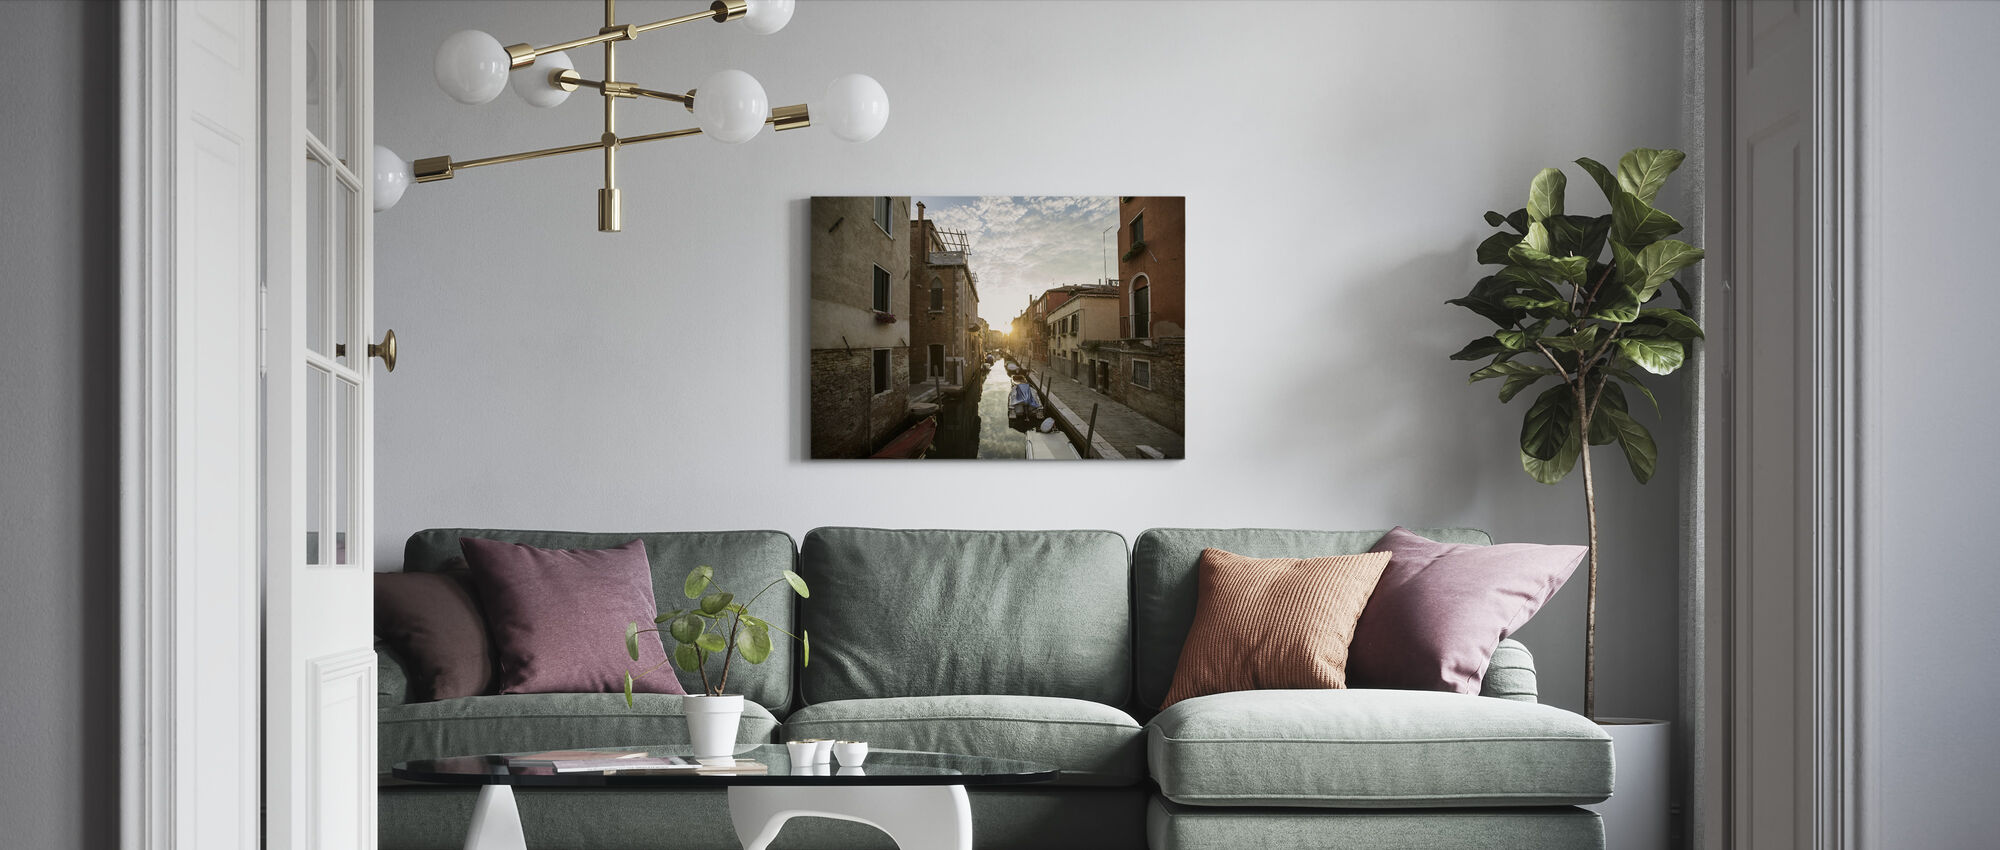 Gondol i Venedig - Billede på lærred - Stue